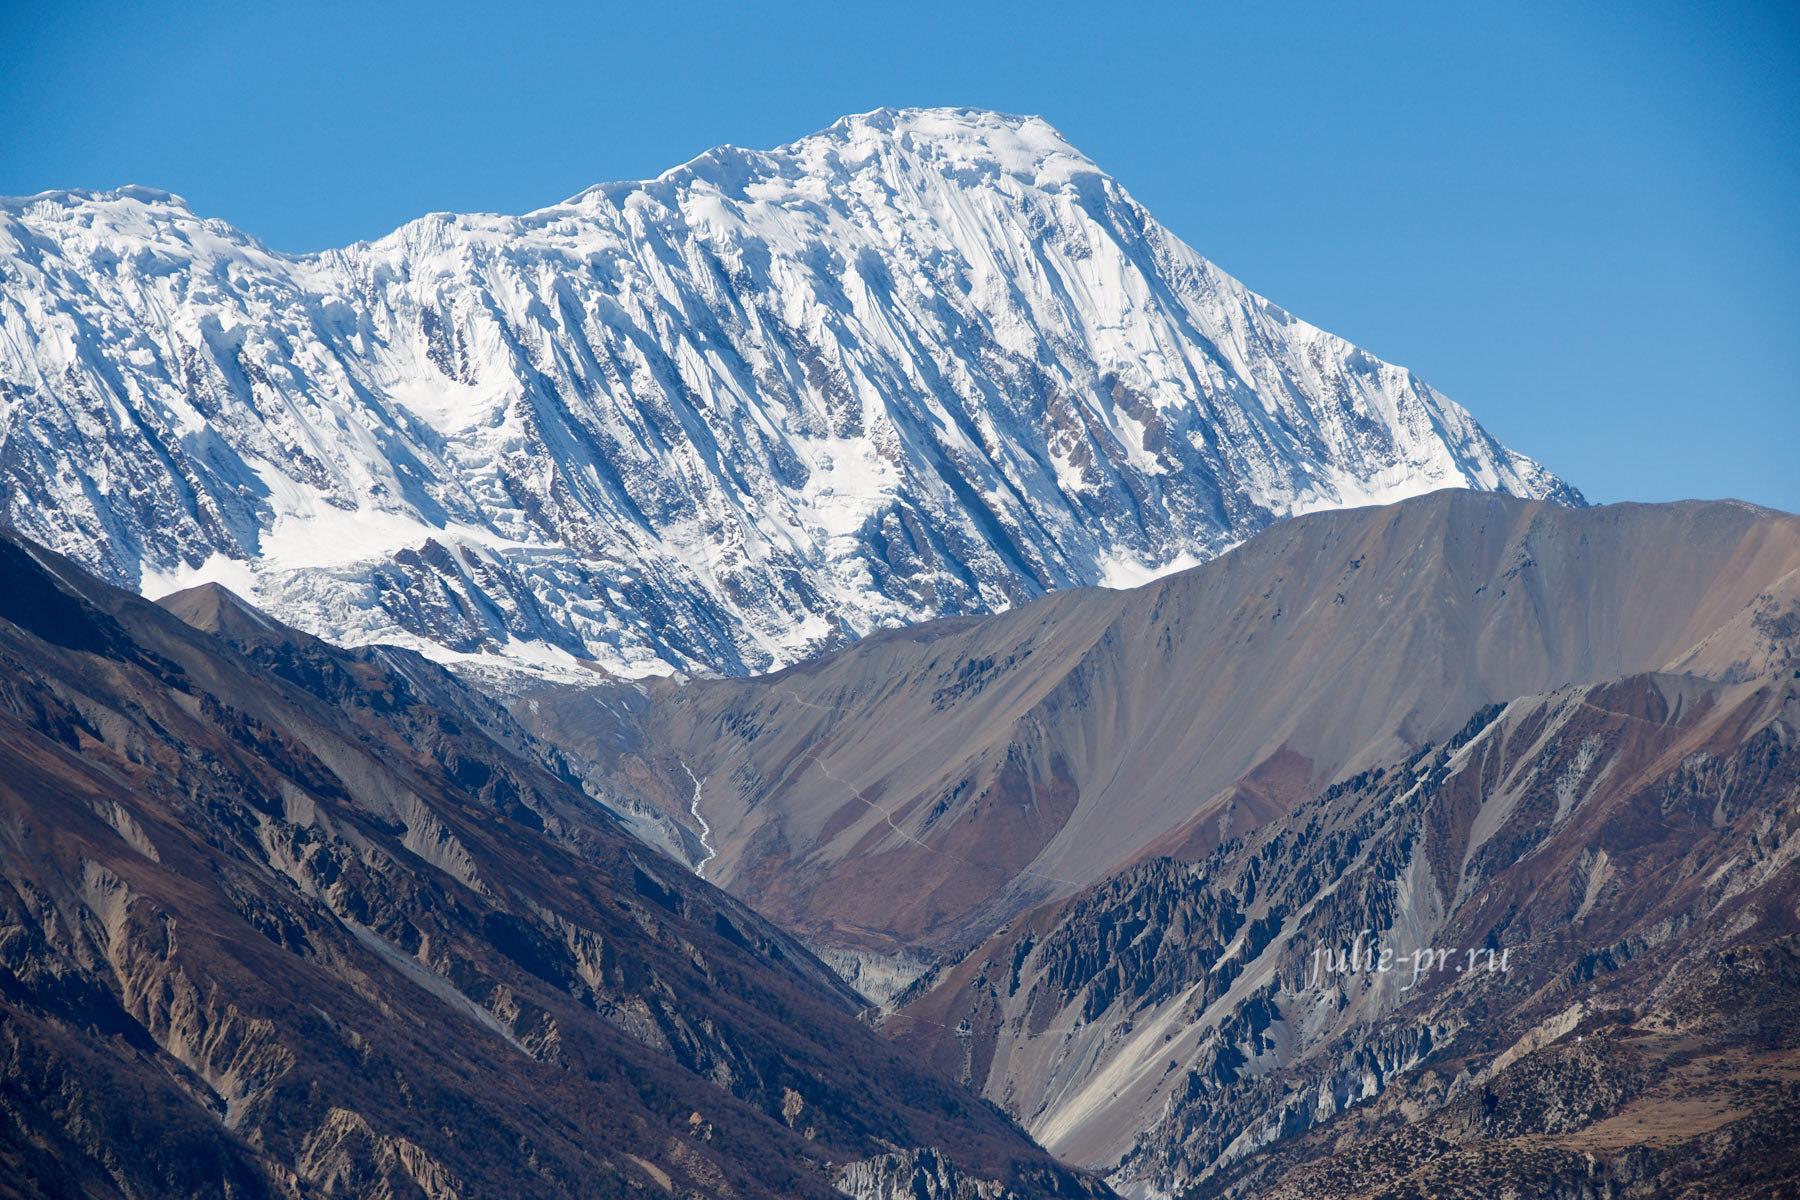 Непал, Трек вокруг Аннапурны, Пик Тиличо